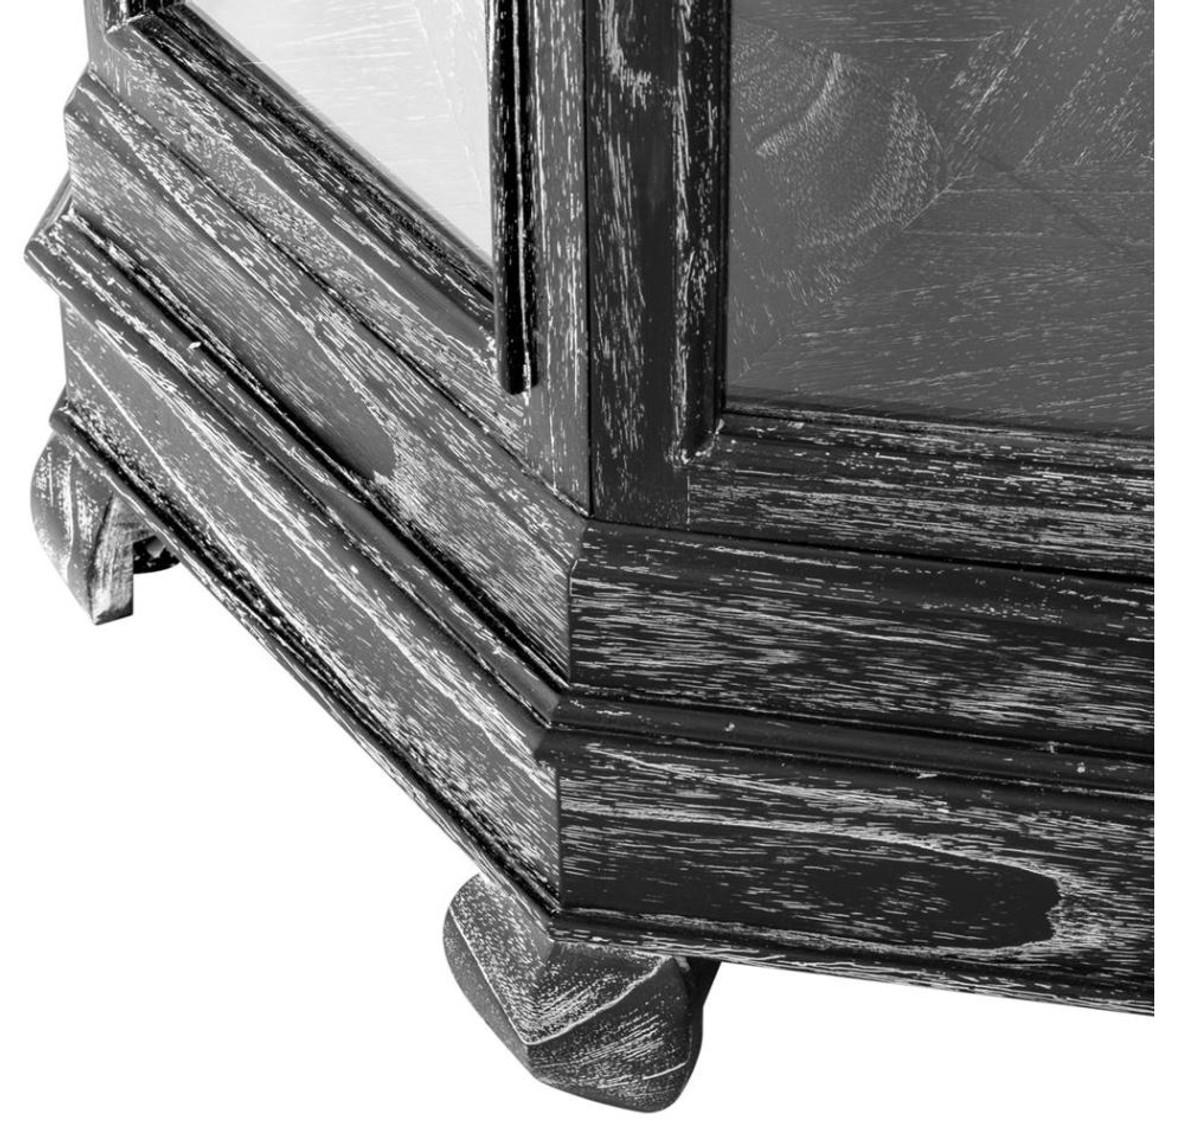 casa padrino designer vitrinenschrank schwarz 86 x 86 x h 207 cm luxus hotel boutique m bel. Black Bedroom Furniture Sets. Home Design Ideas